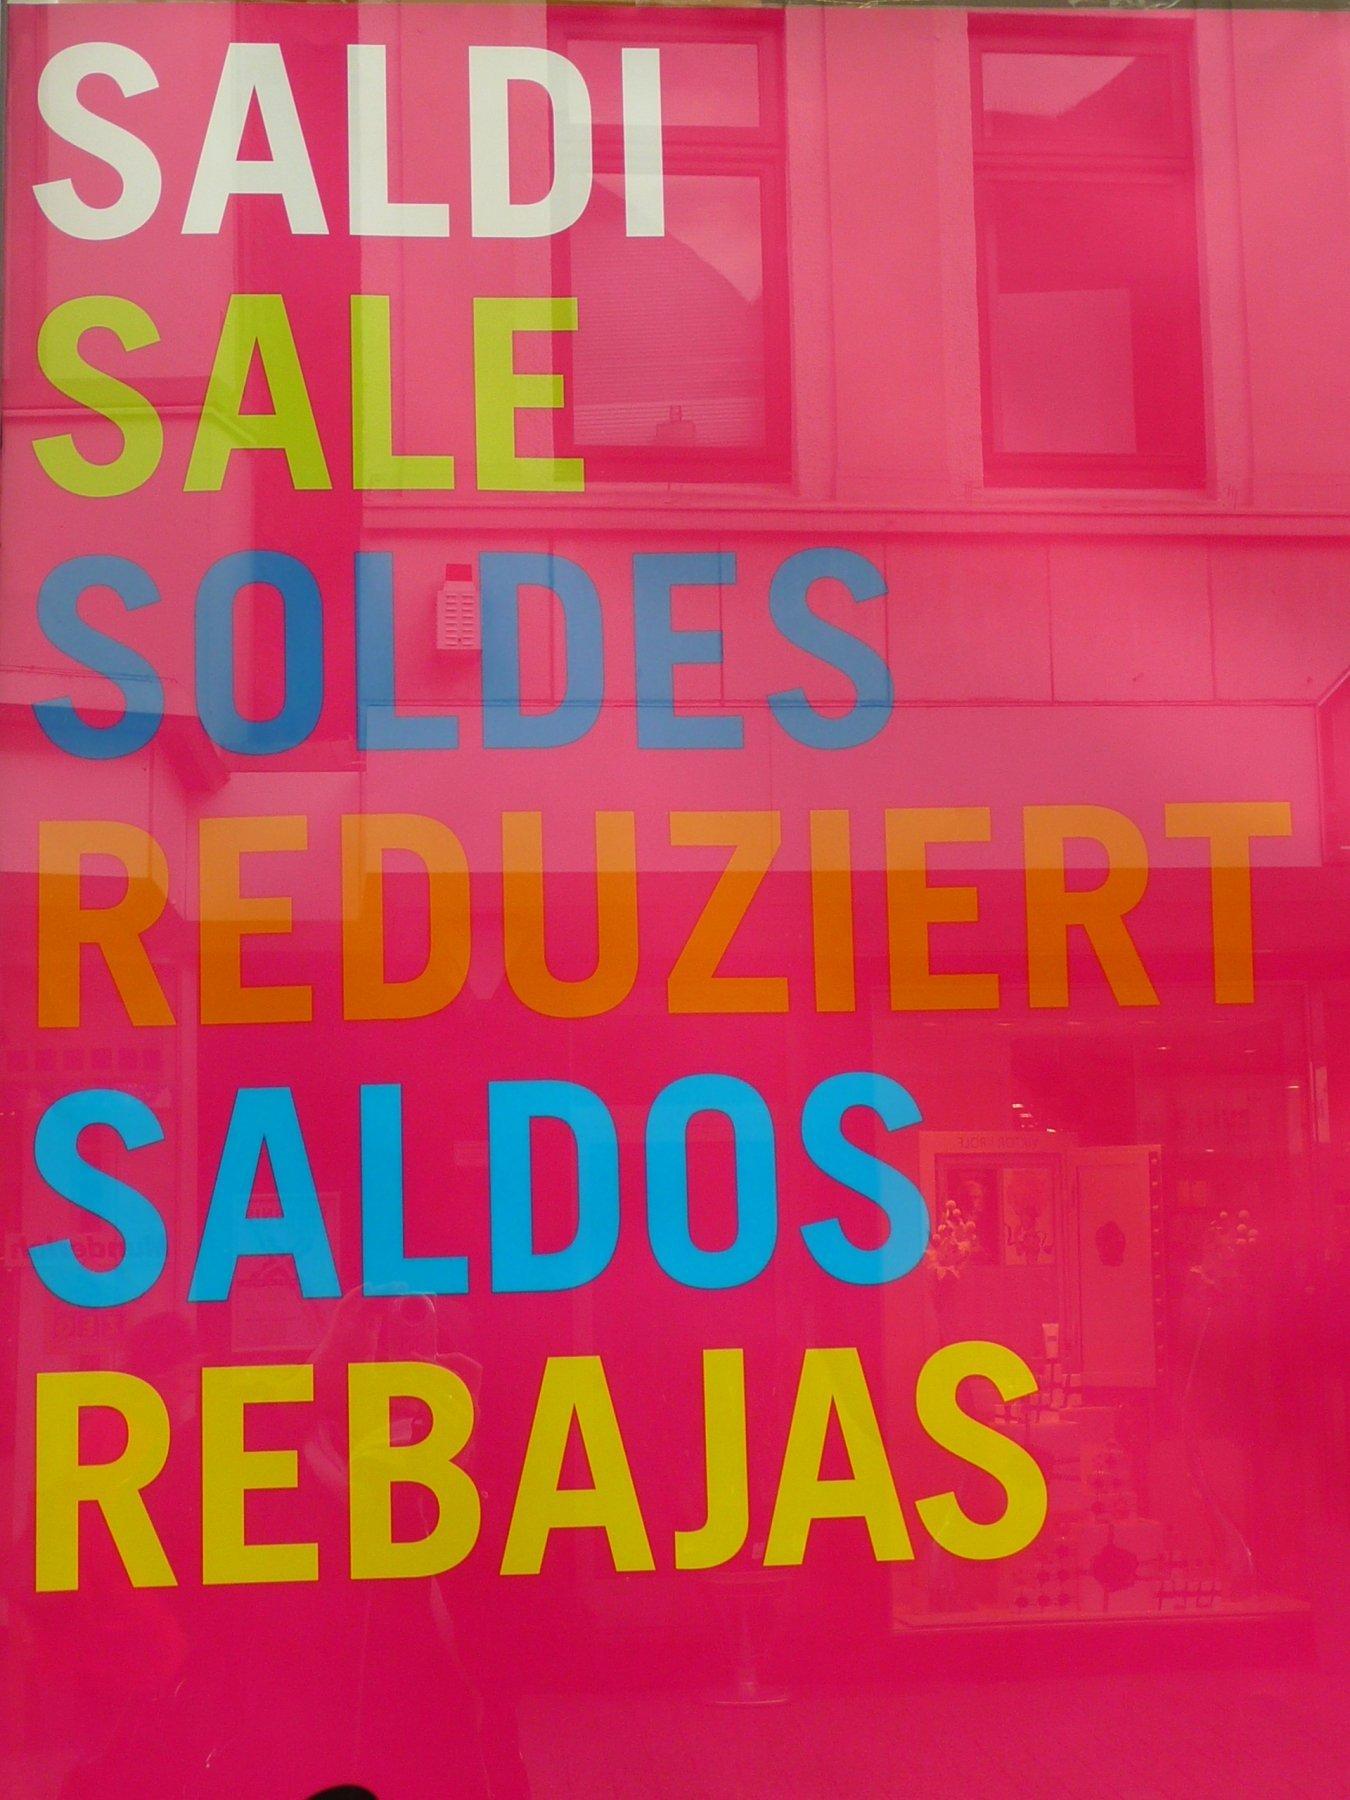 Mehrsprachig aufzuwachsen ist ein Geschenk. (Foto: Gabi Schoenemann / pixelio.de)